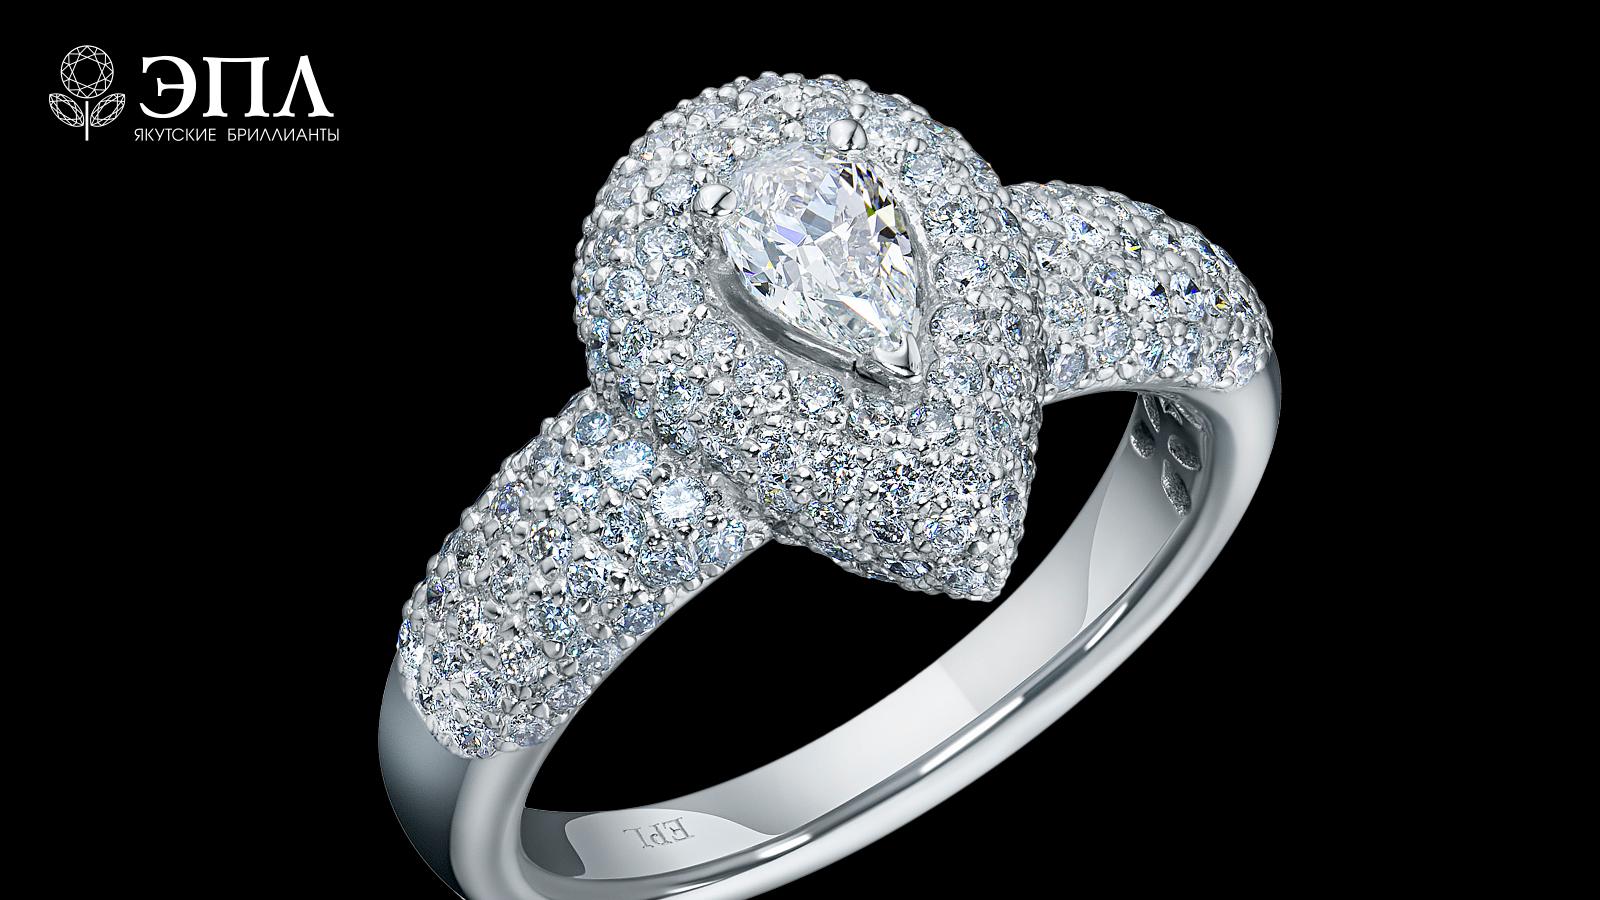 Ювелиры и огранщики компании «ЭПЛ. Якутские бриллианты» создают шедевры ювелирного искусства